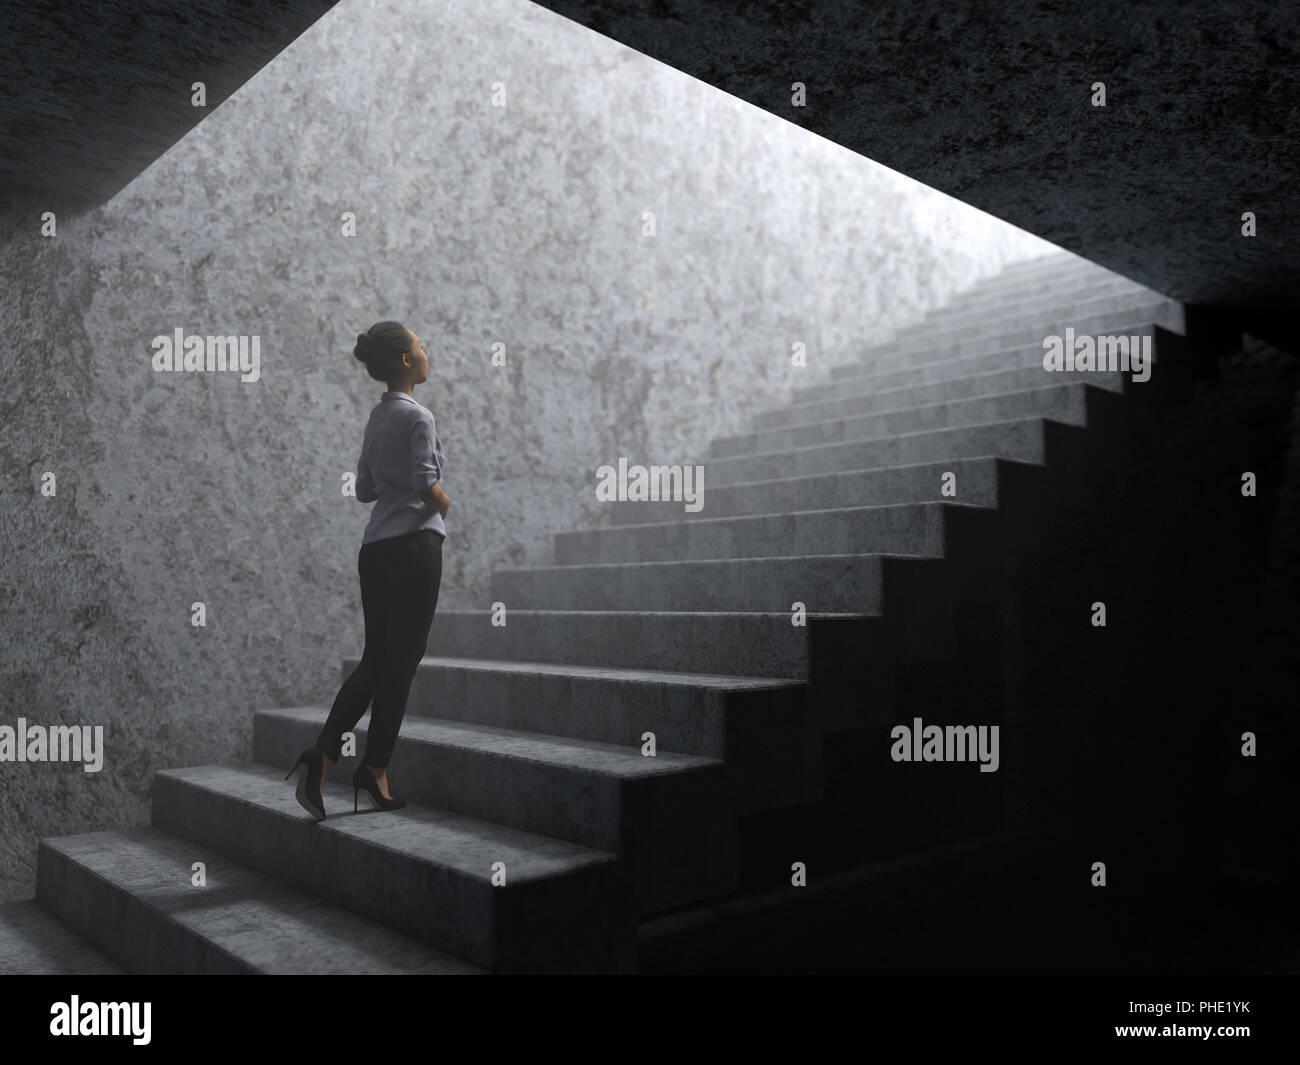 Frau klettert die Treppe von der Dunkelheit zum Licht Stockfoto